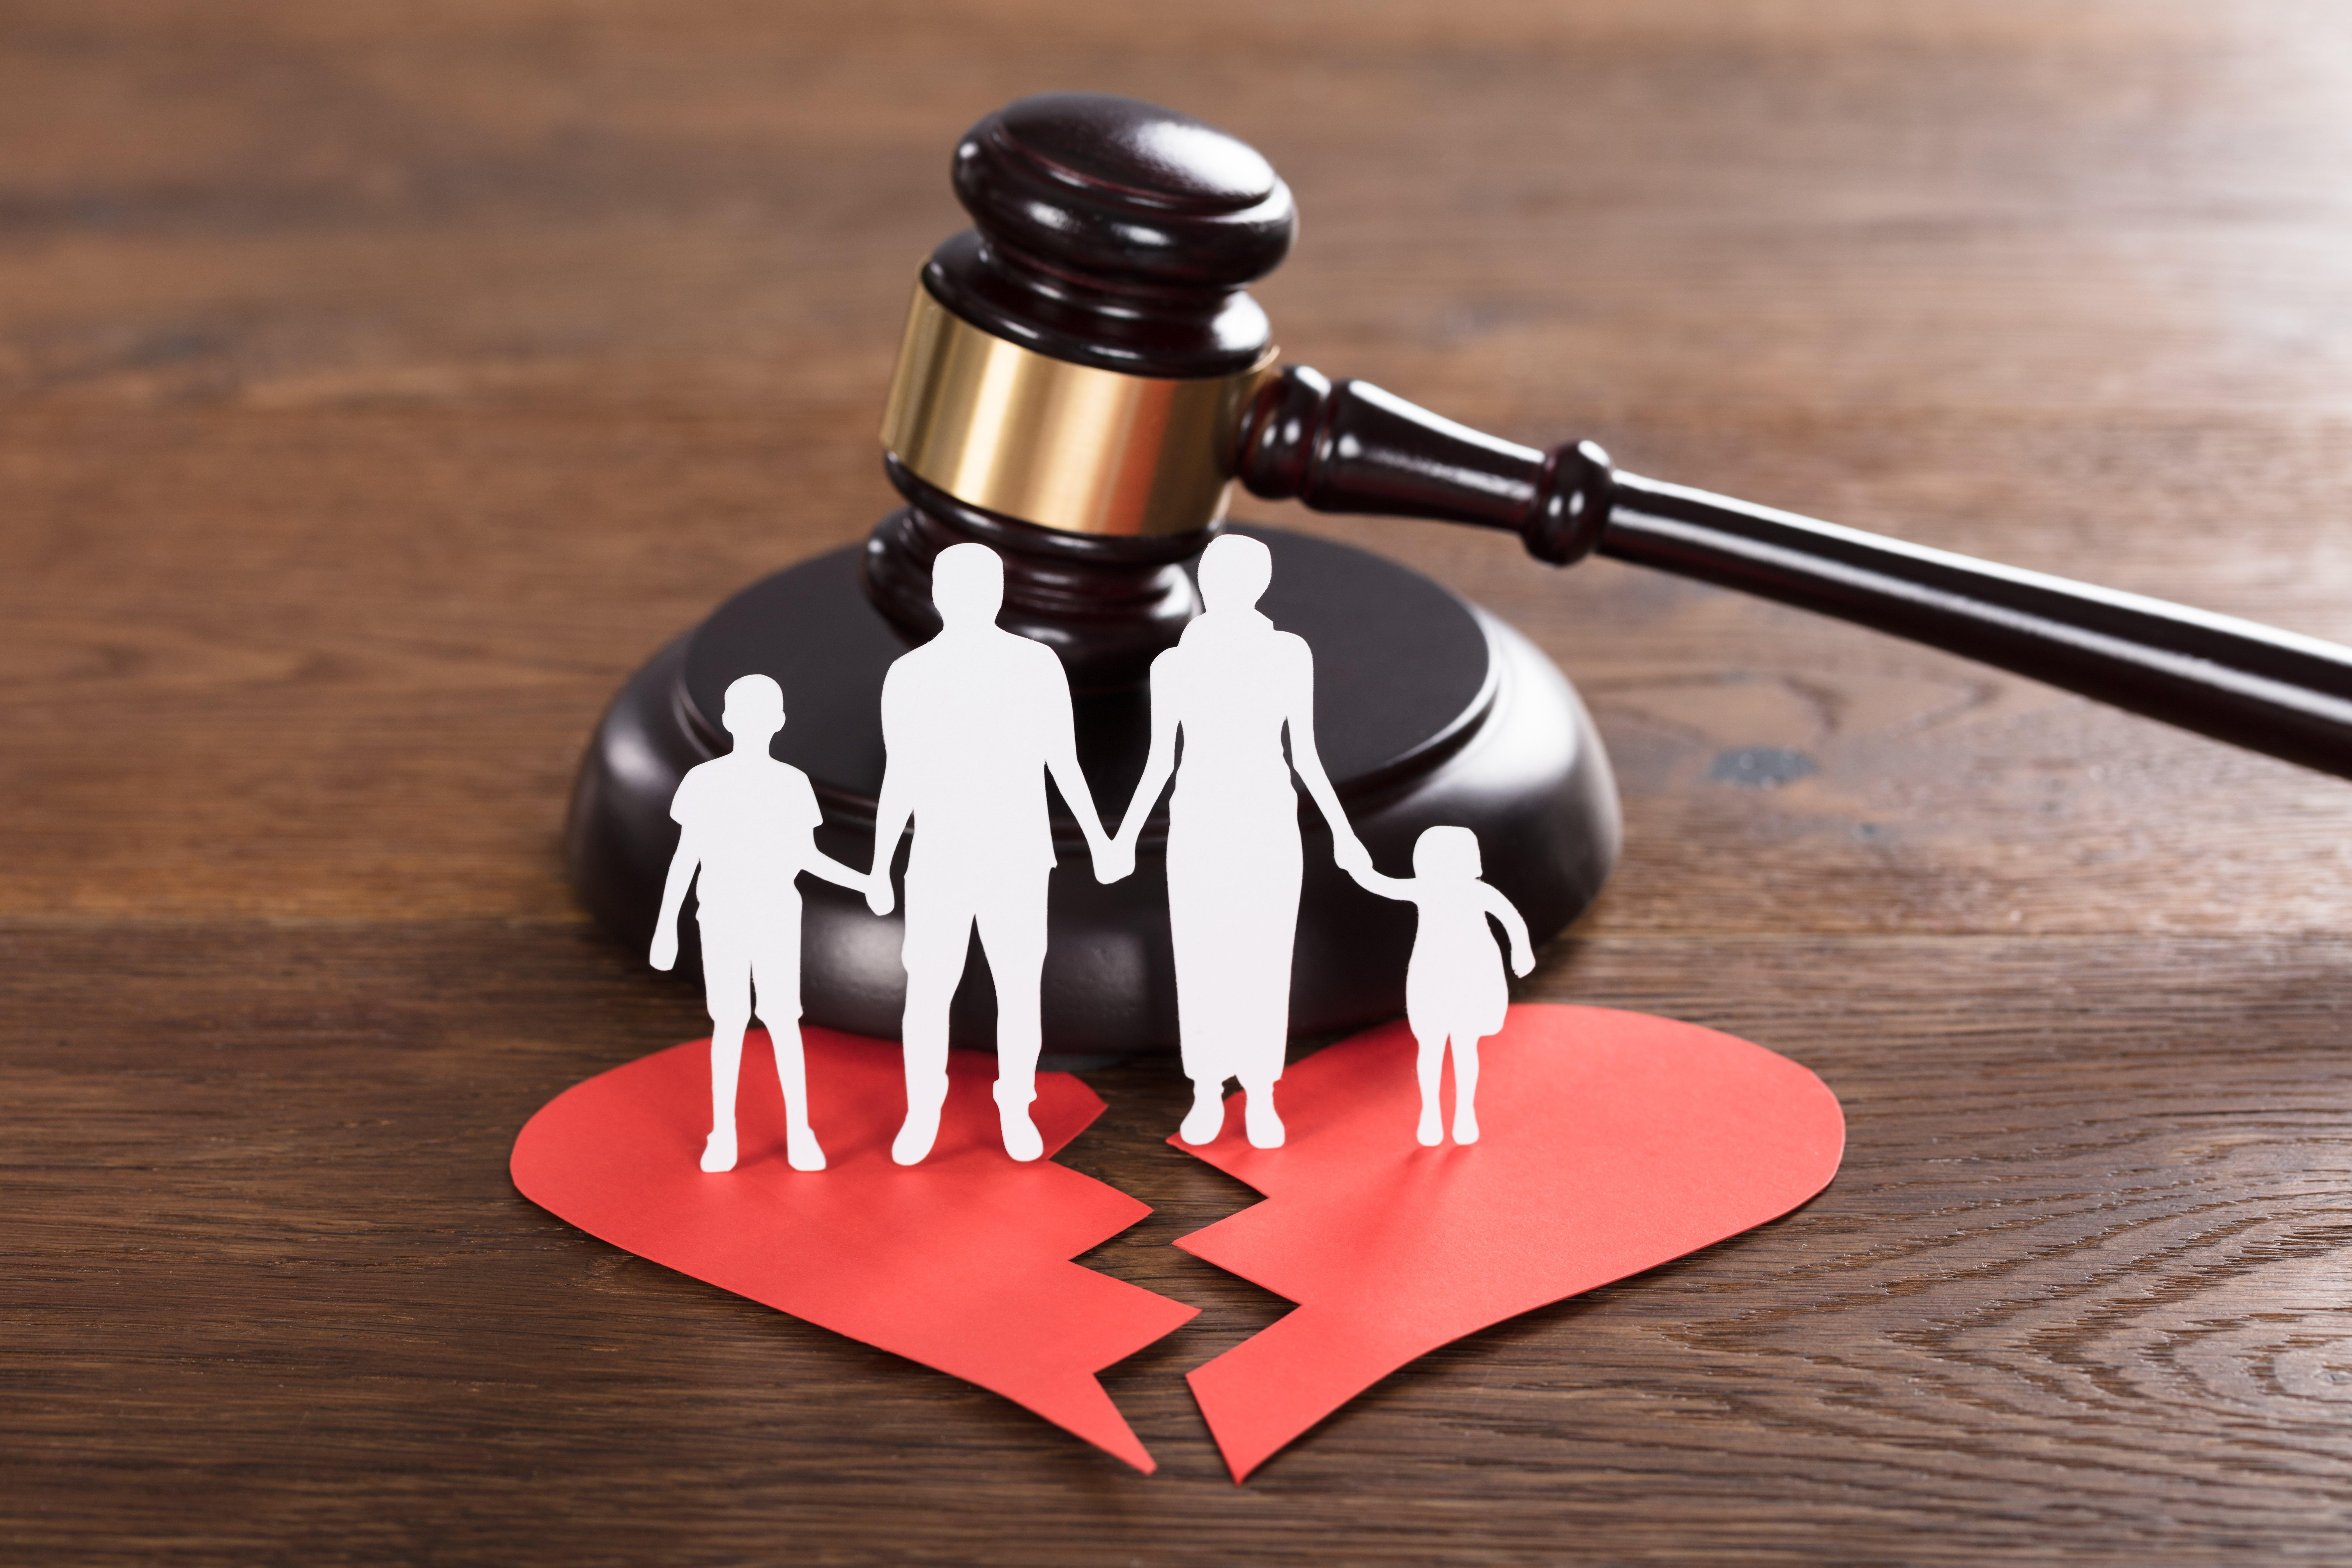 Imagen problemas actuales del derecho familiar - articulo UCQ